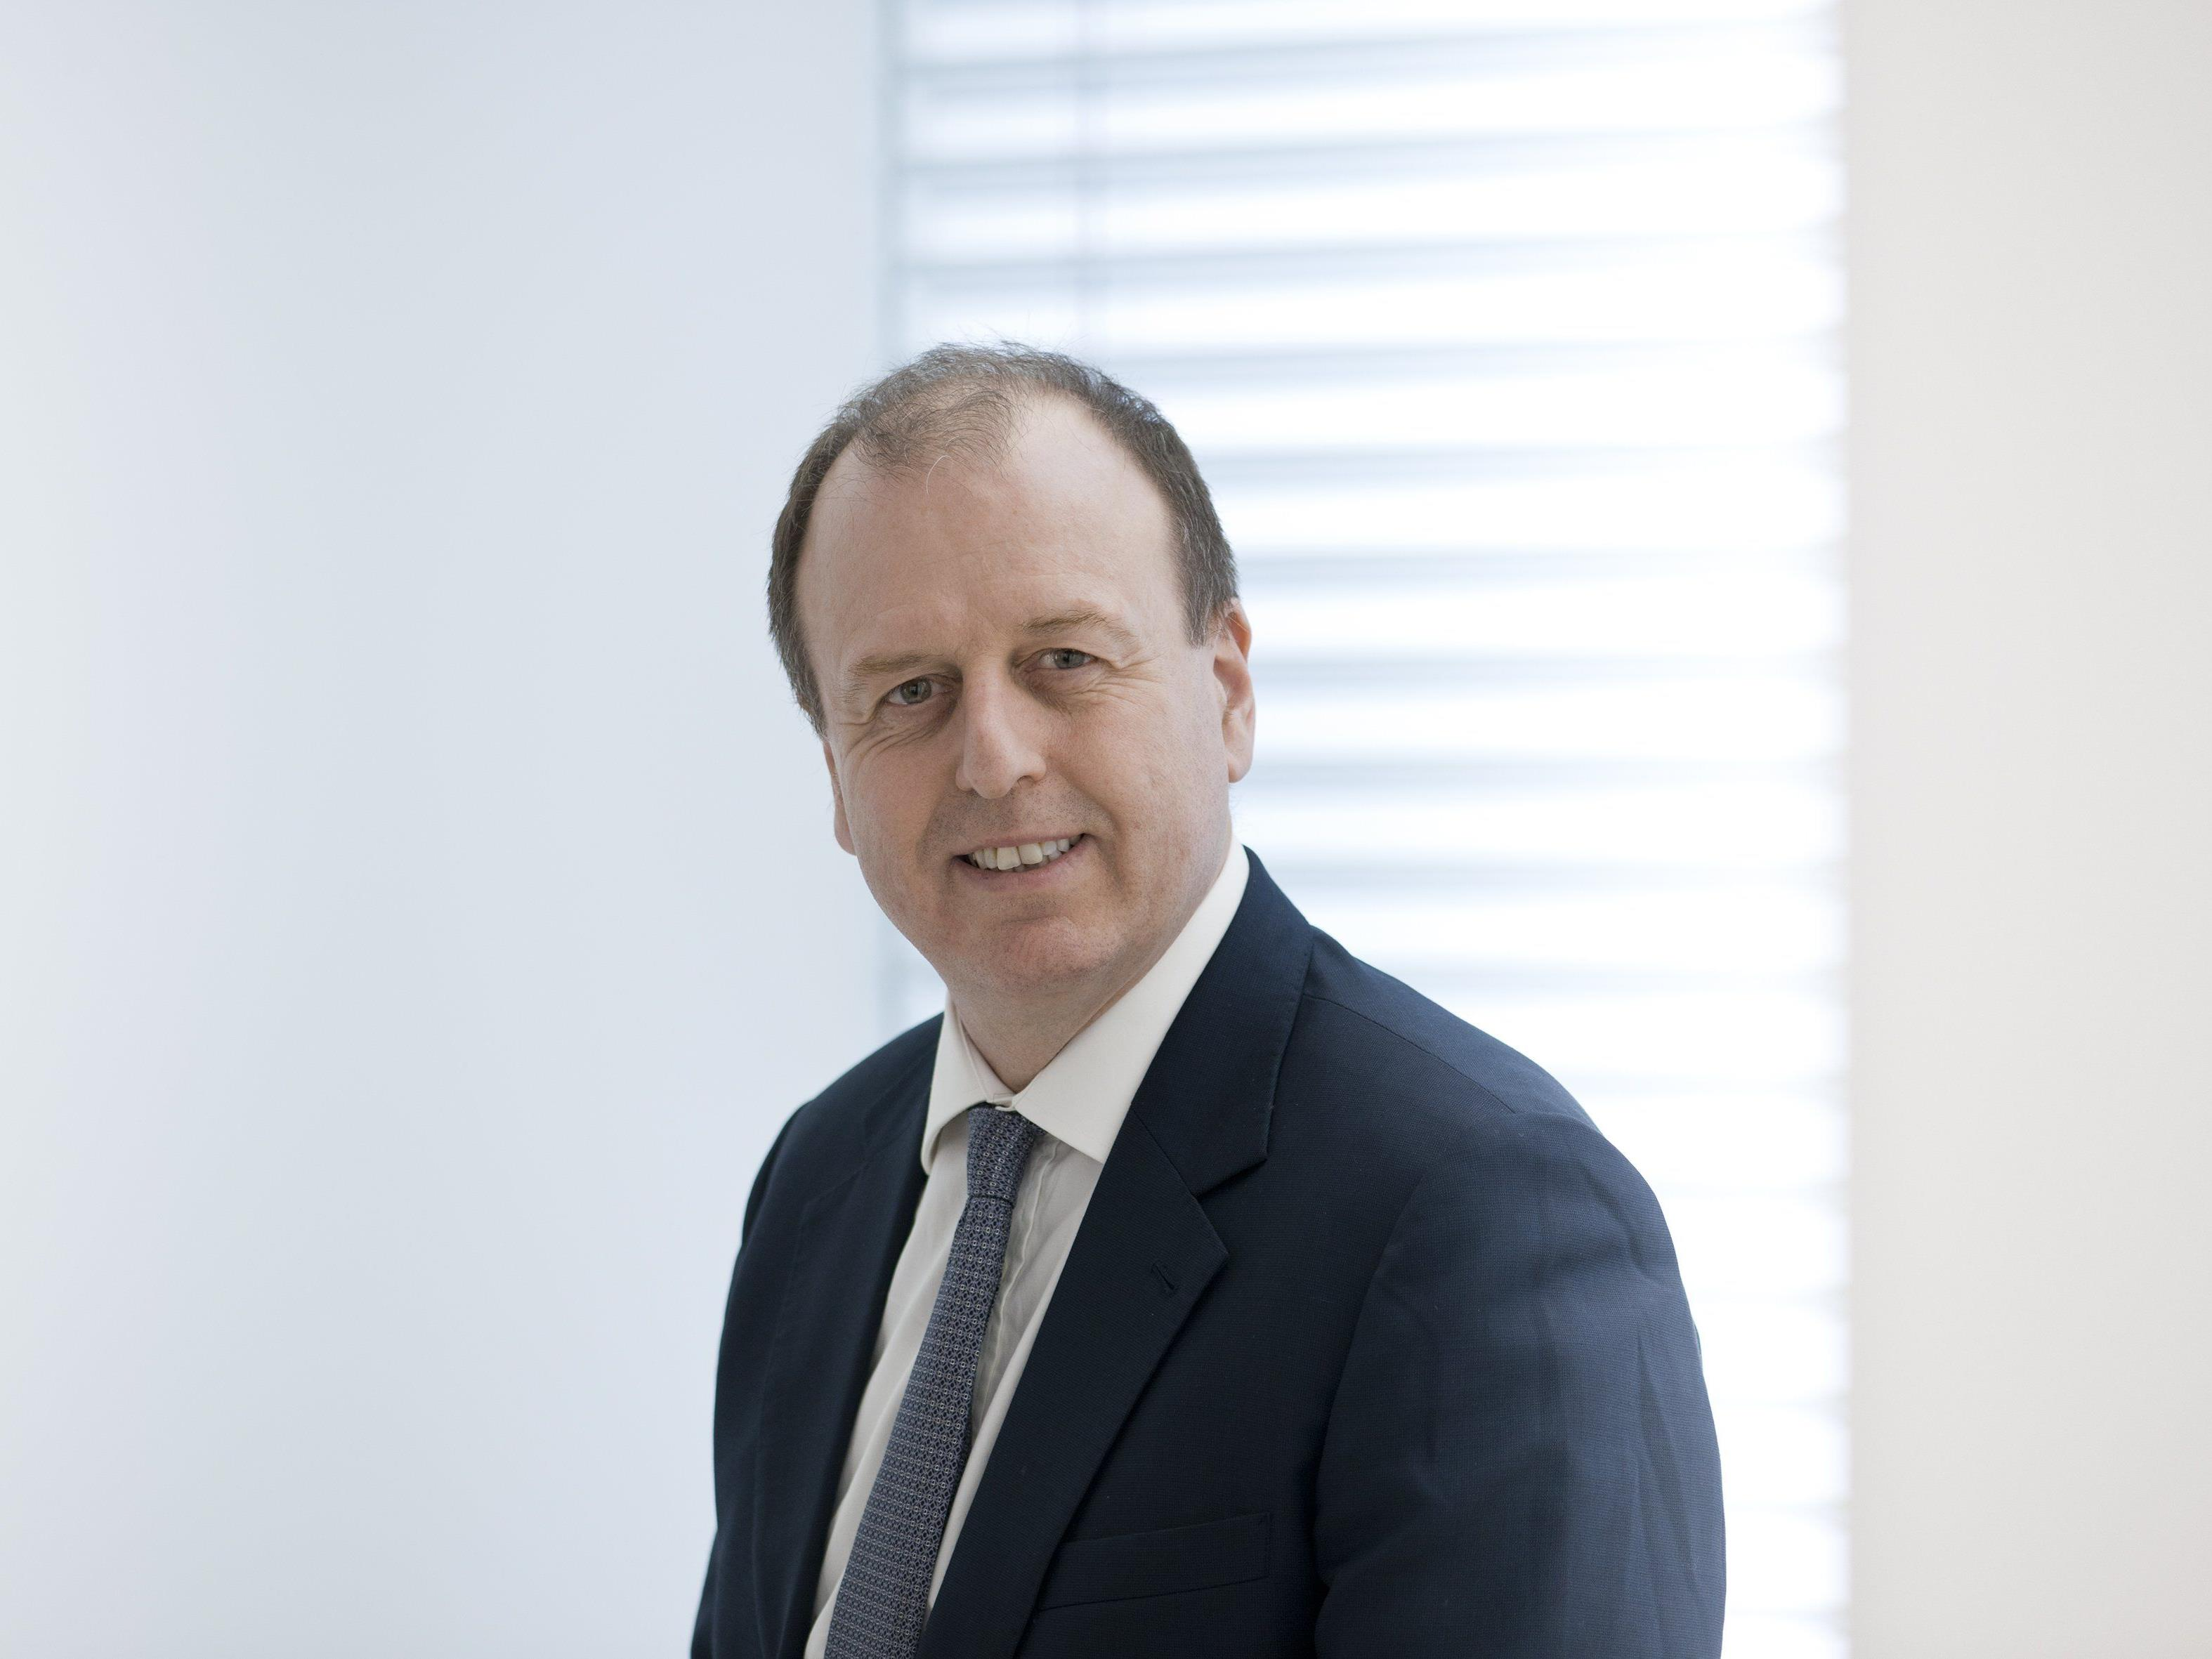 Vorstand Martin Brandt verlässt Zumtobel auf eigenen Wunsch zum 31. Juli.